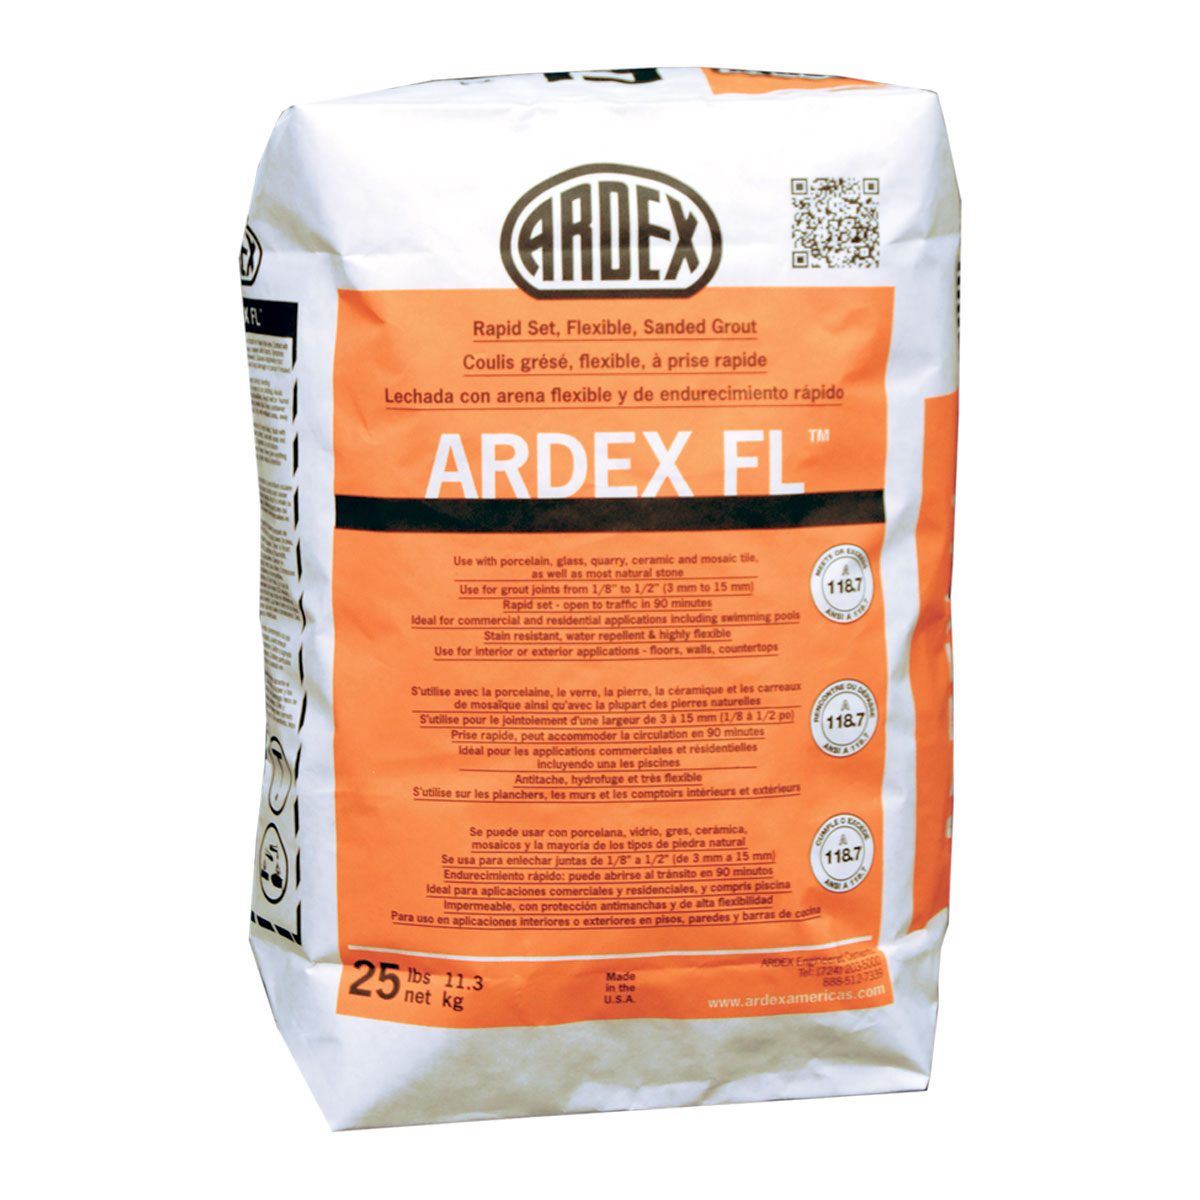 Ardex FL